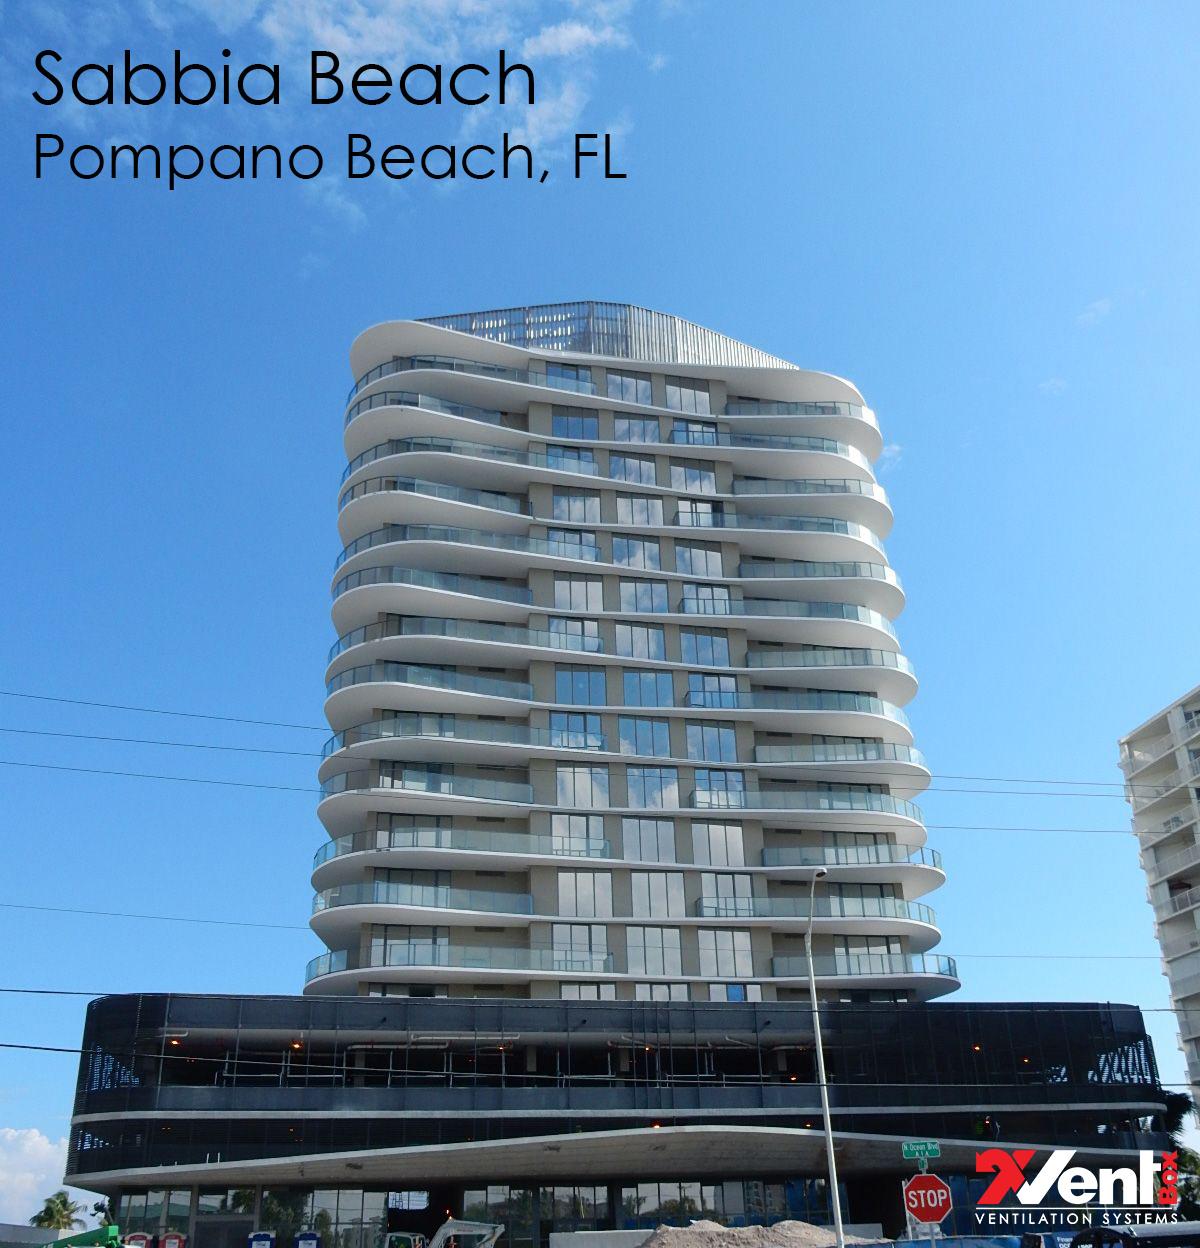 Sabbia Beach